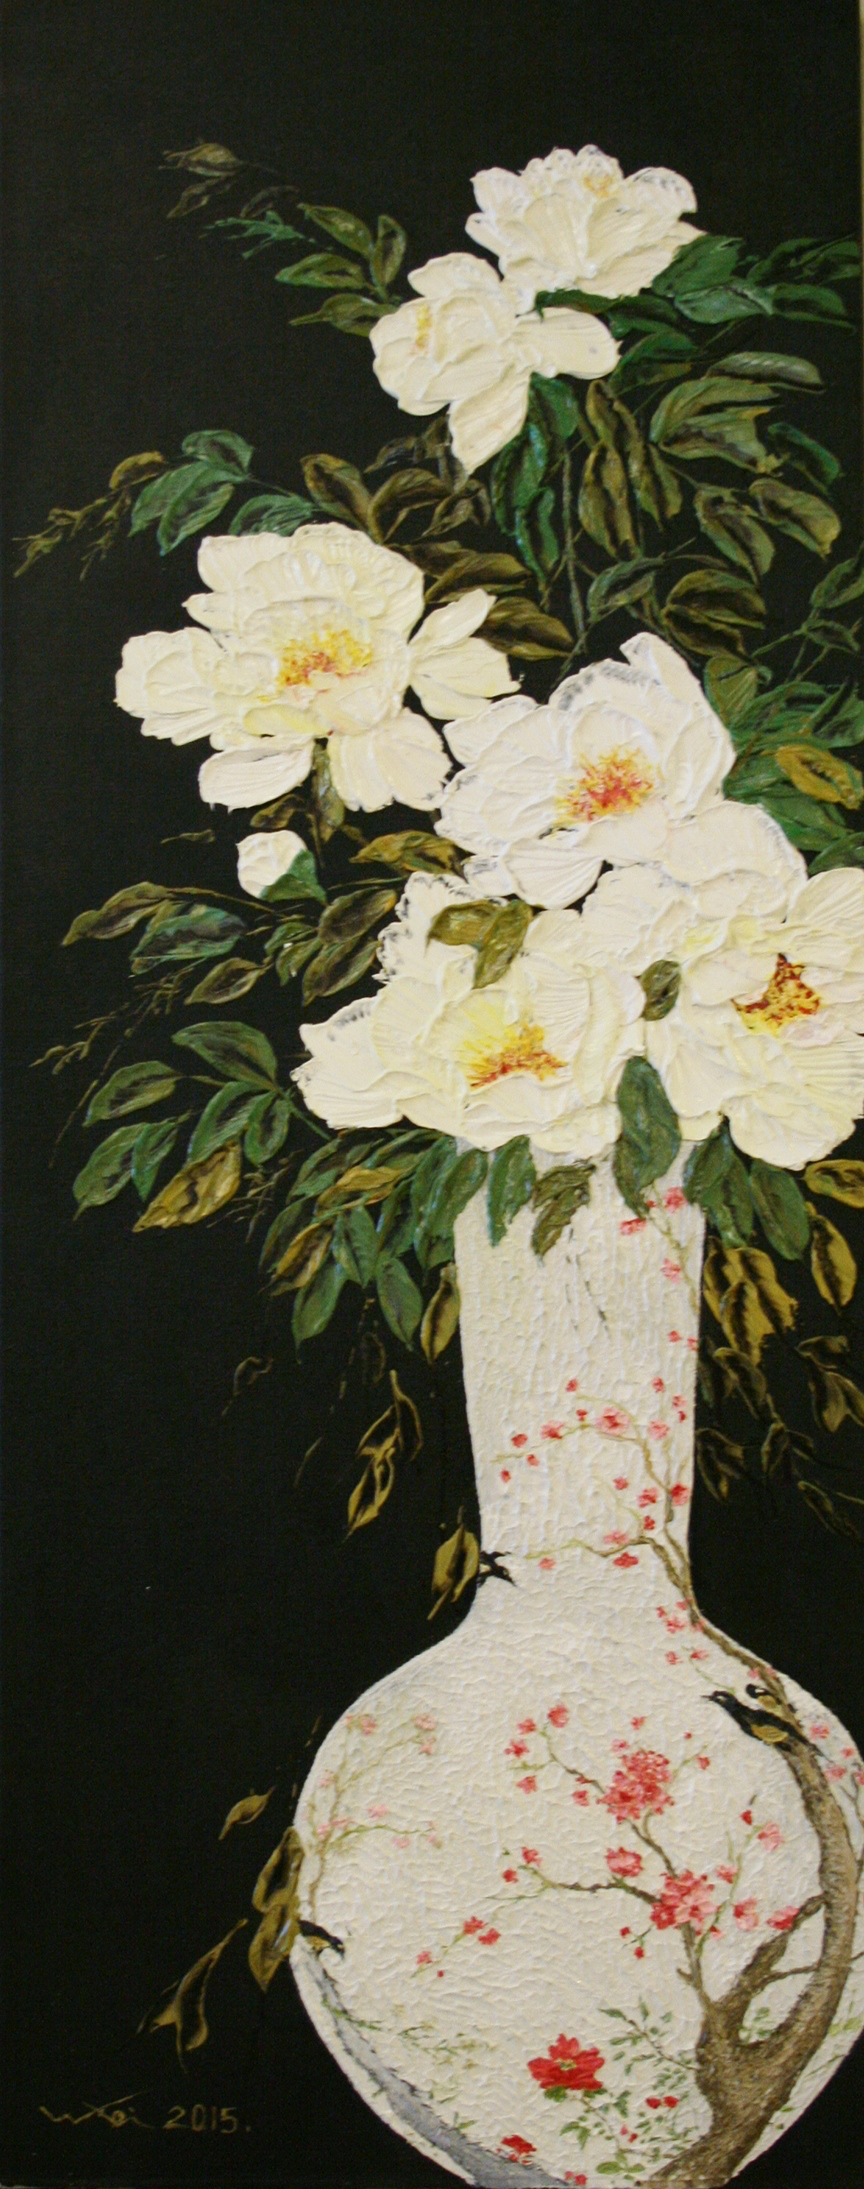 Li Wei Chen